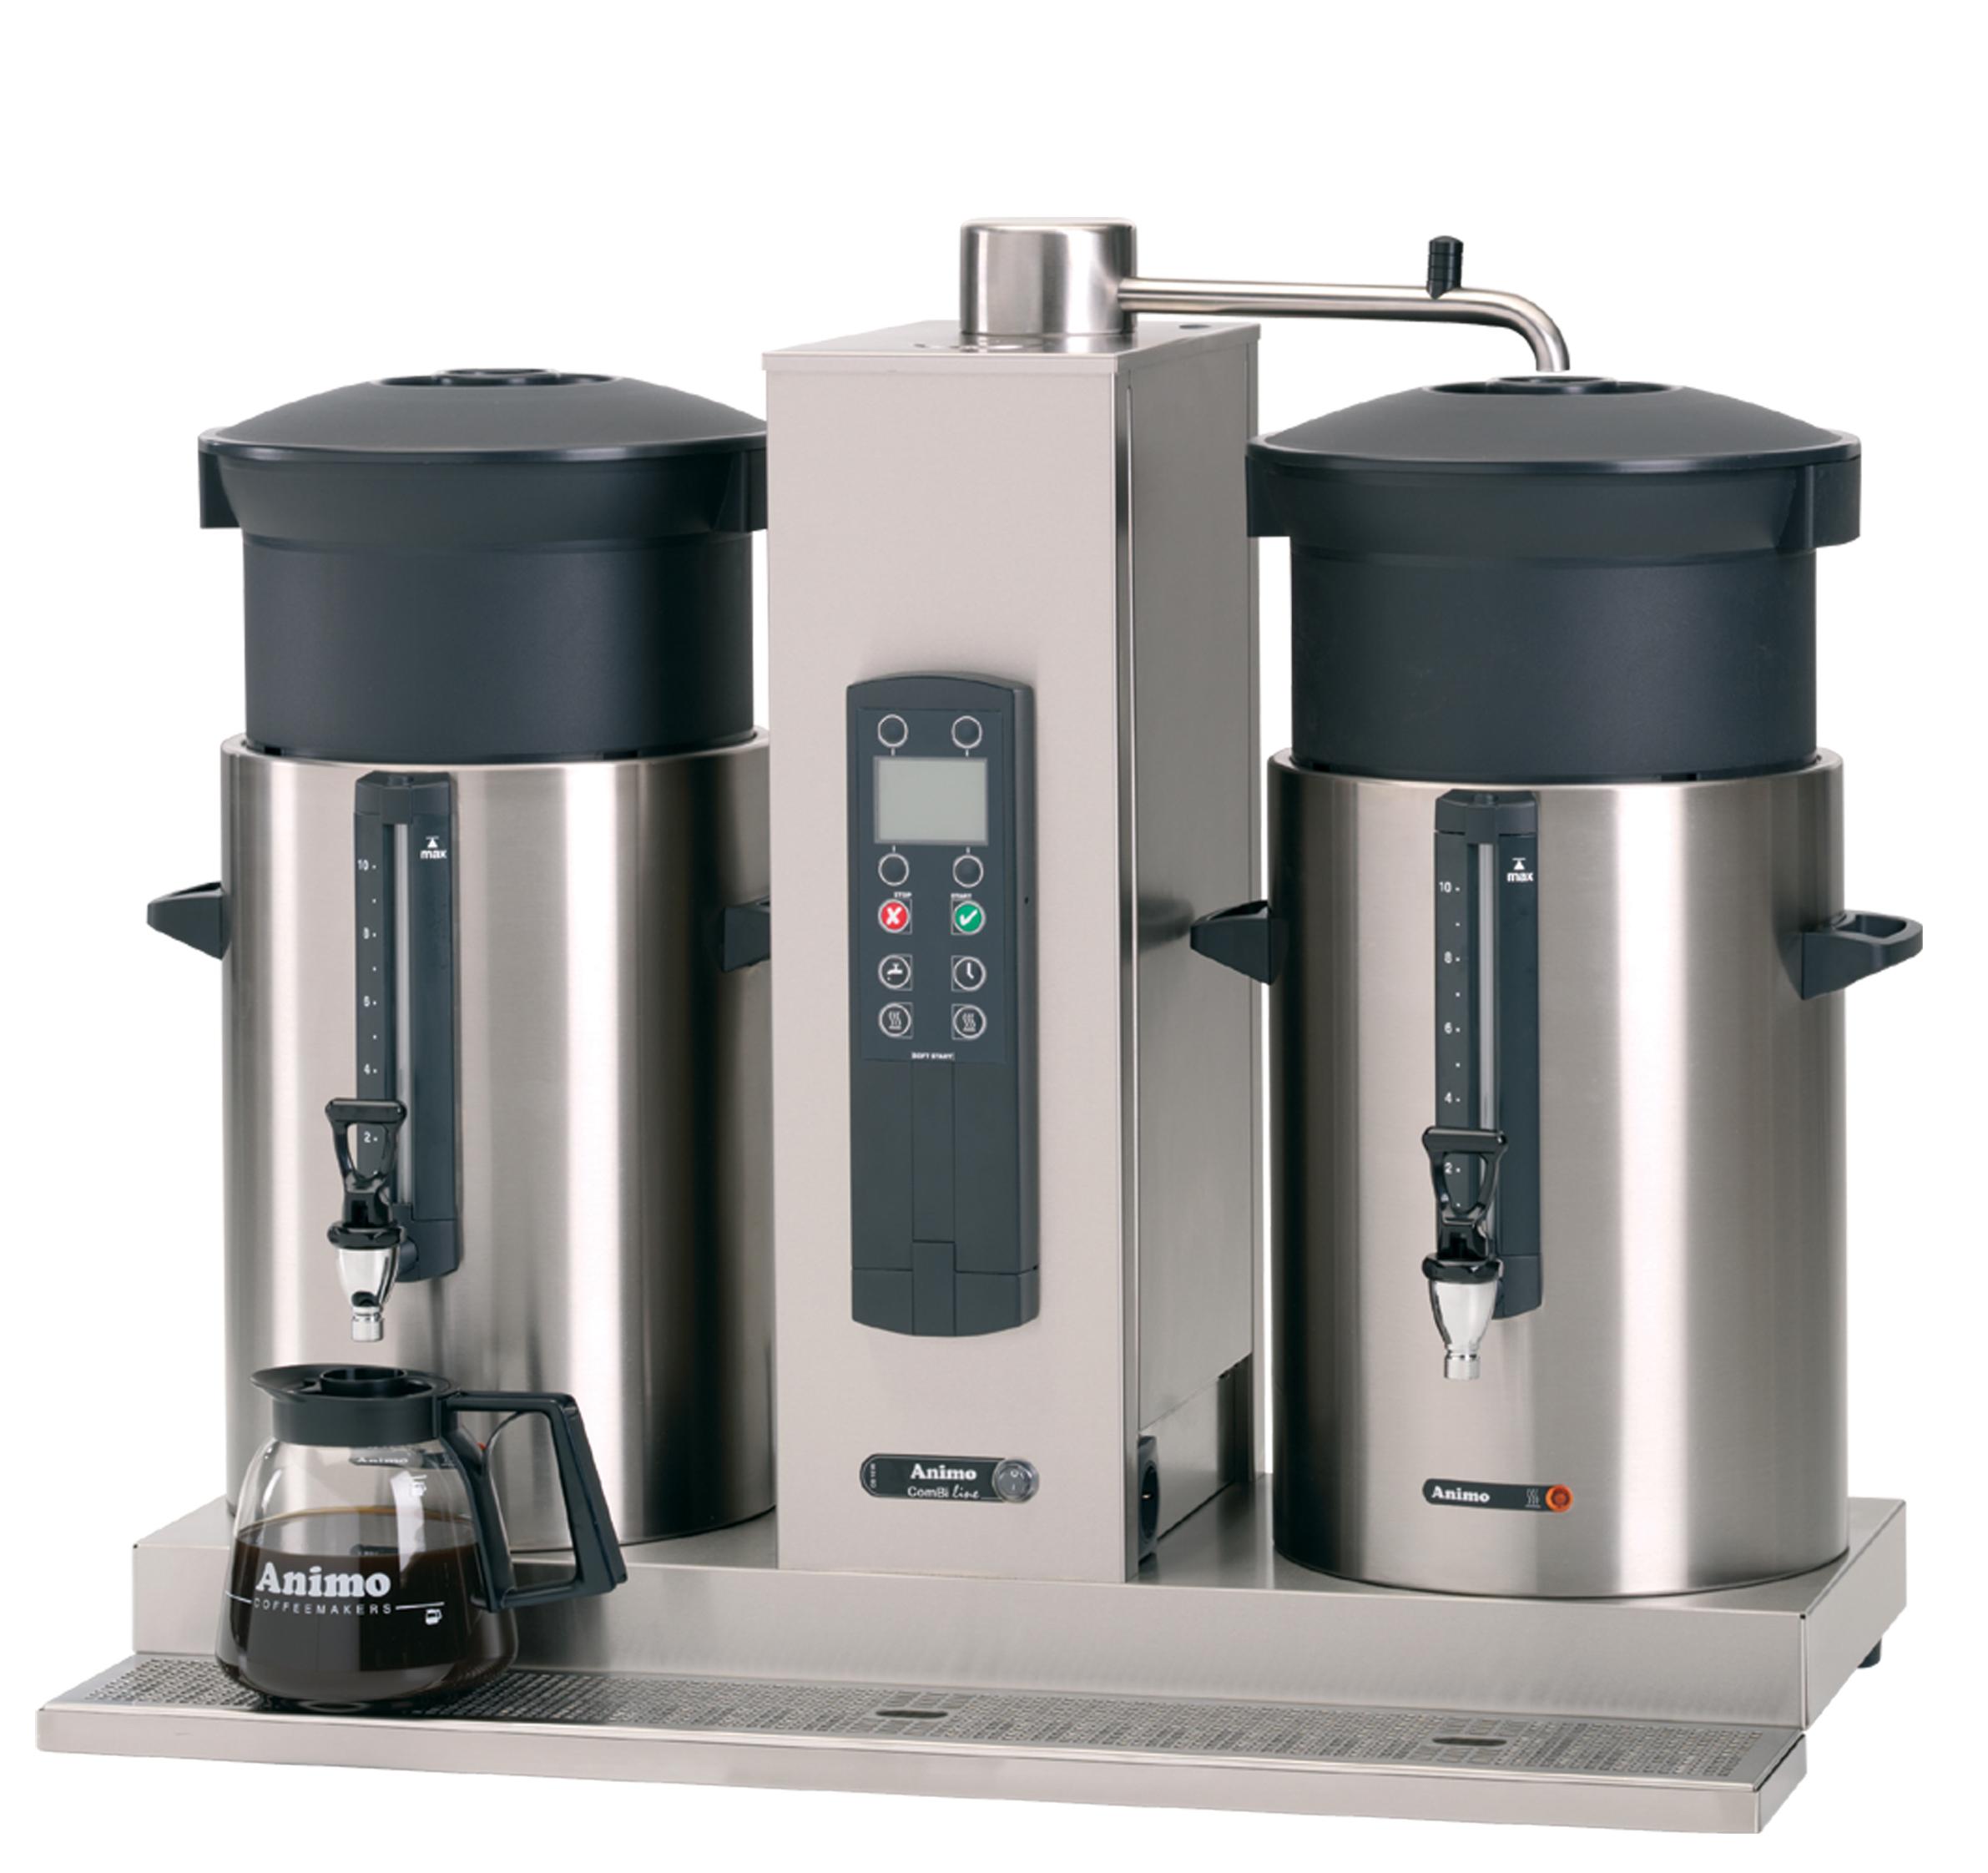 Koffiezet-installaties